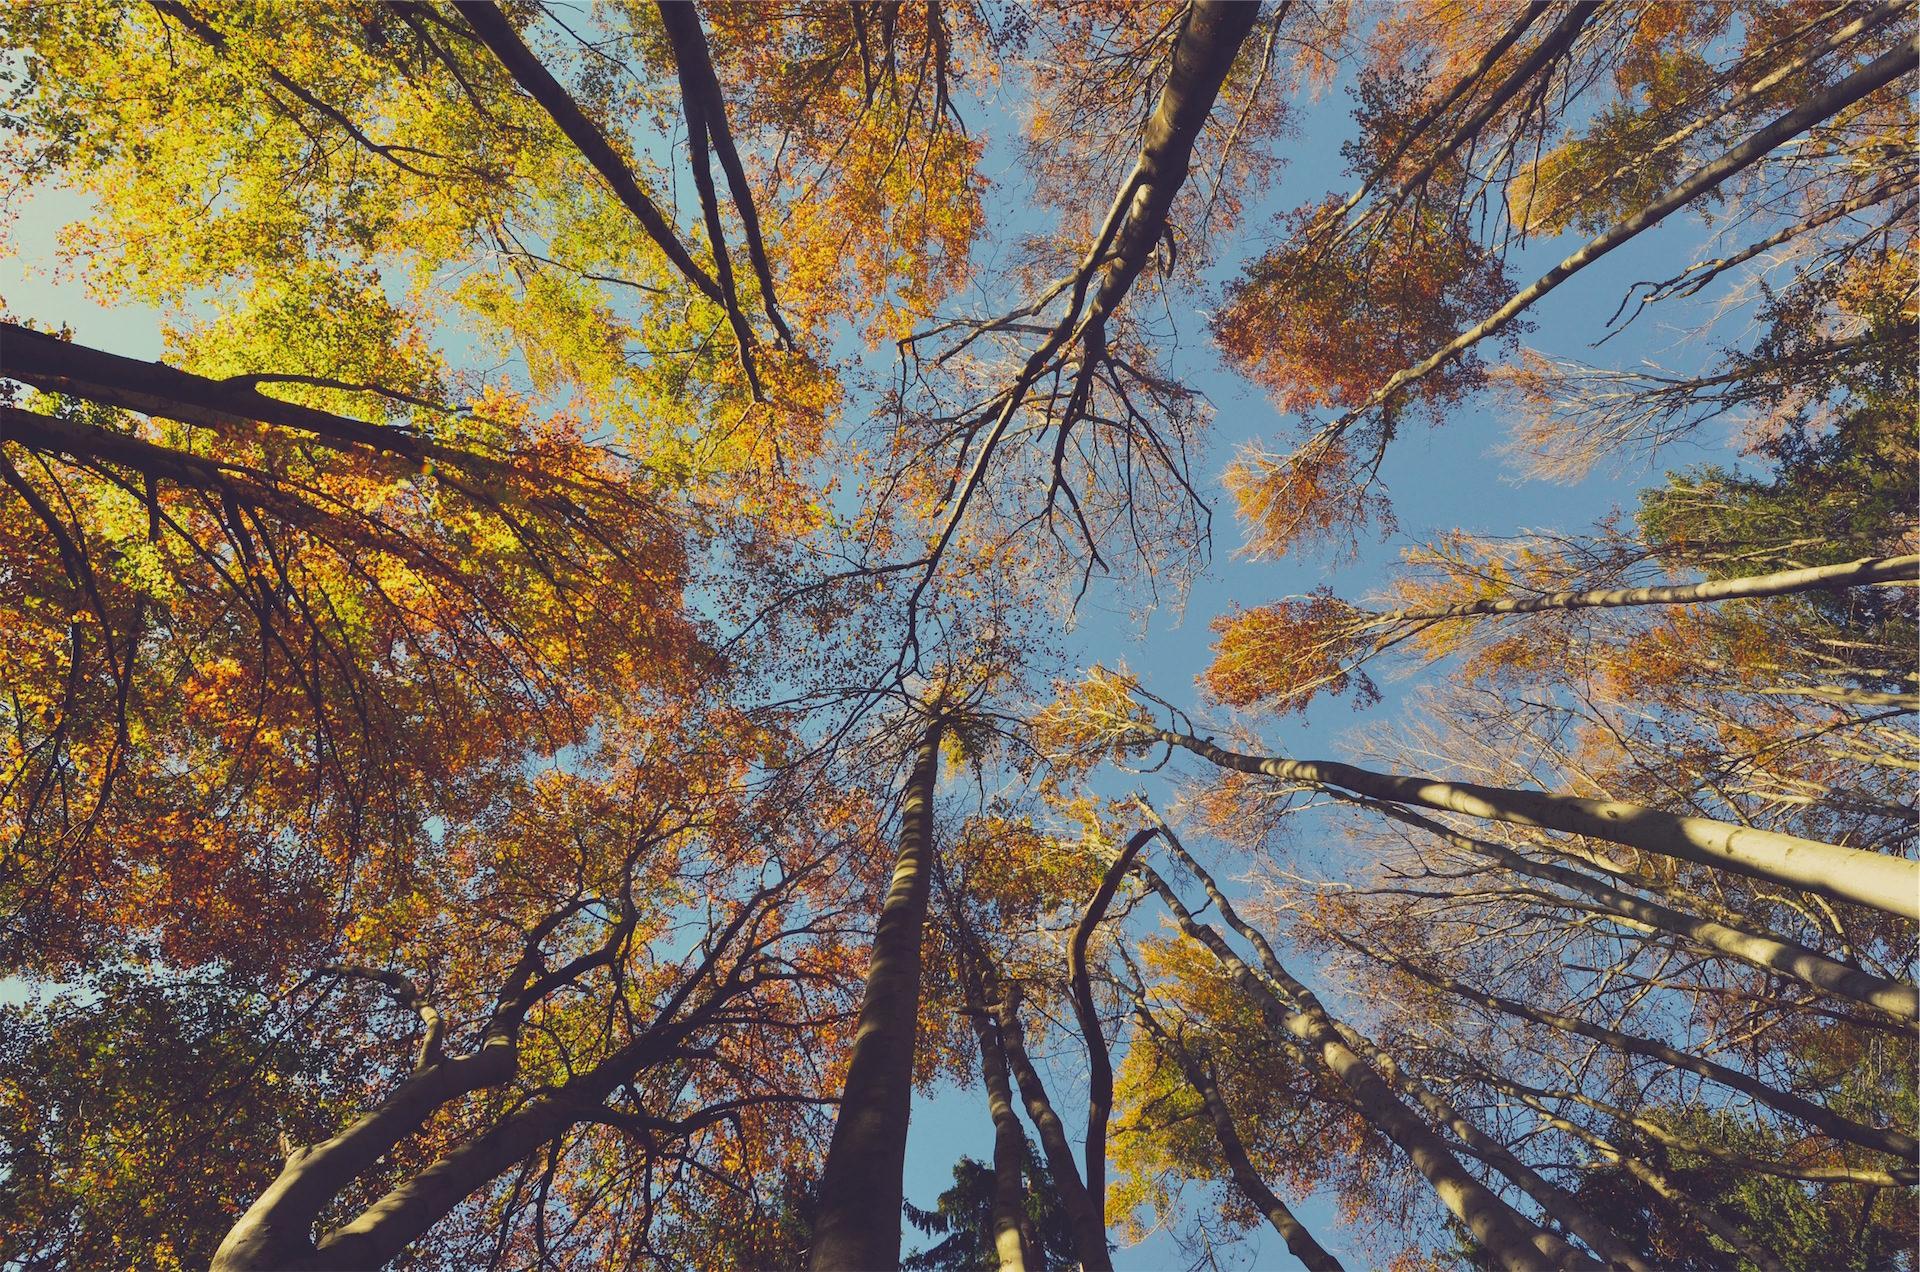 foresta, alberi, tazze, Cielo, altezza - Sfondi HD - Professor-falken.com